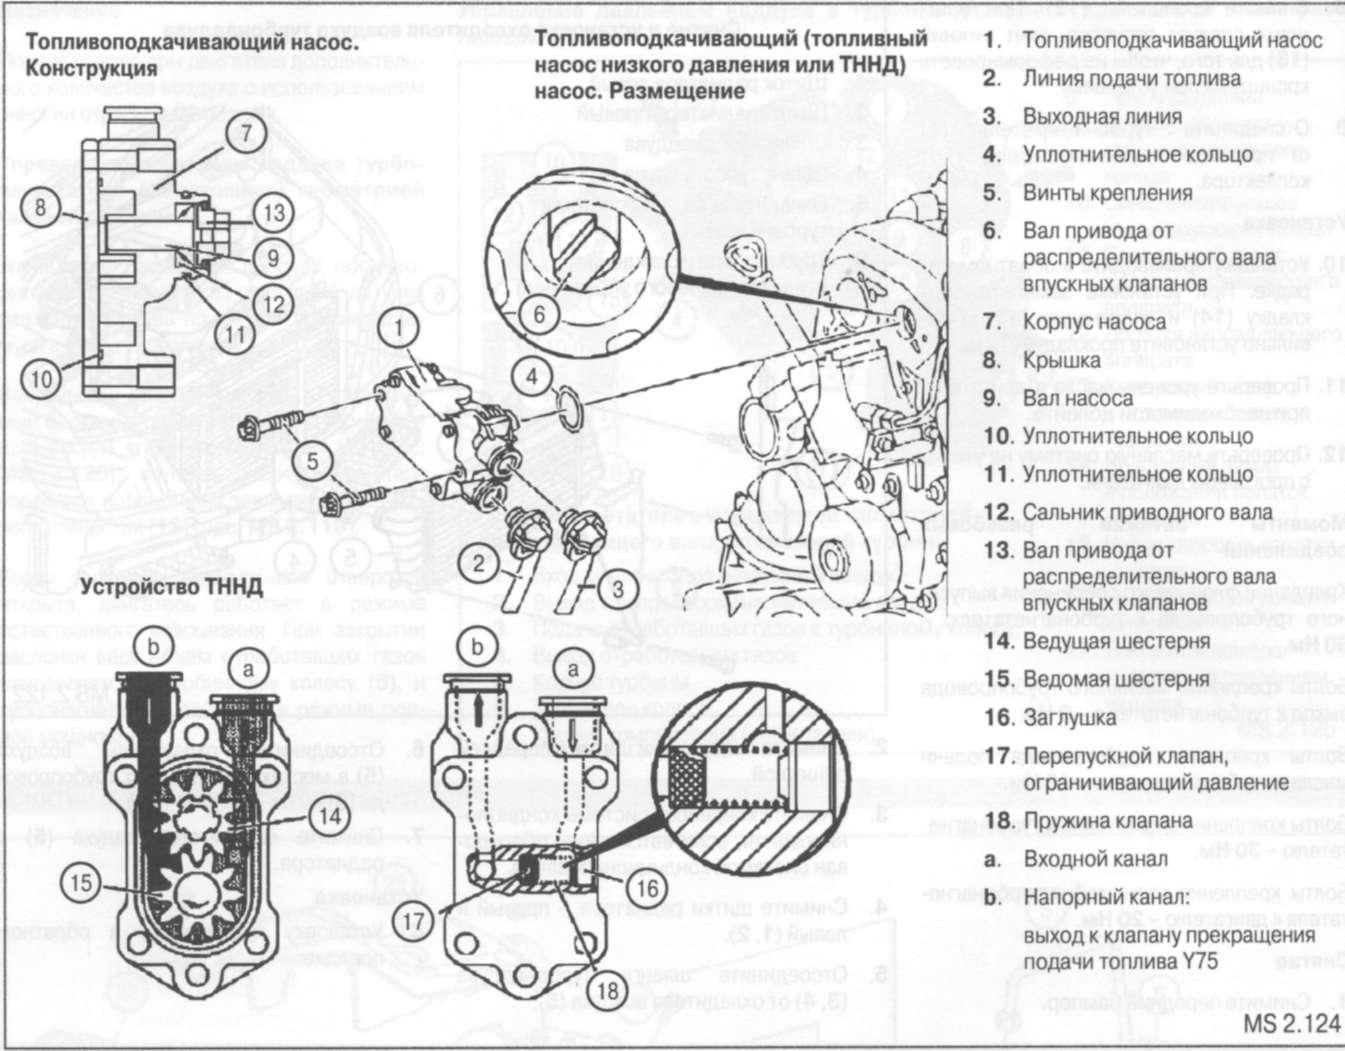 топливная система мерседес ом 501